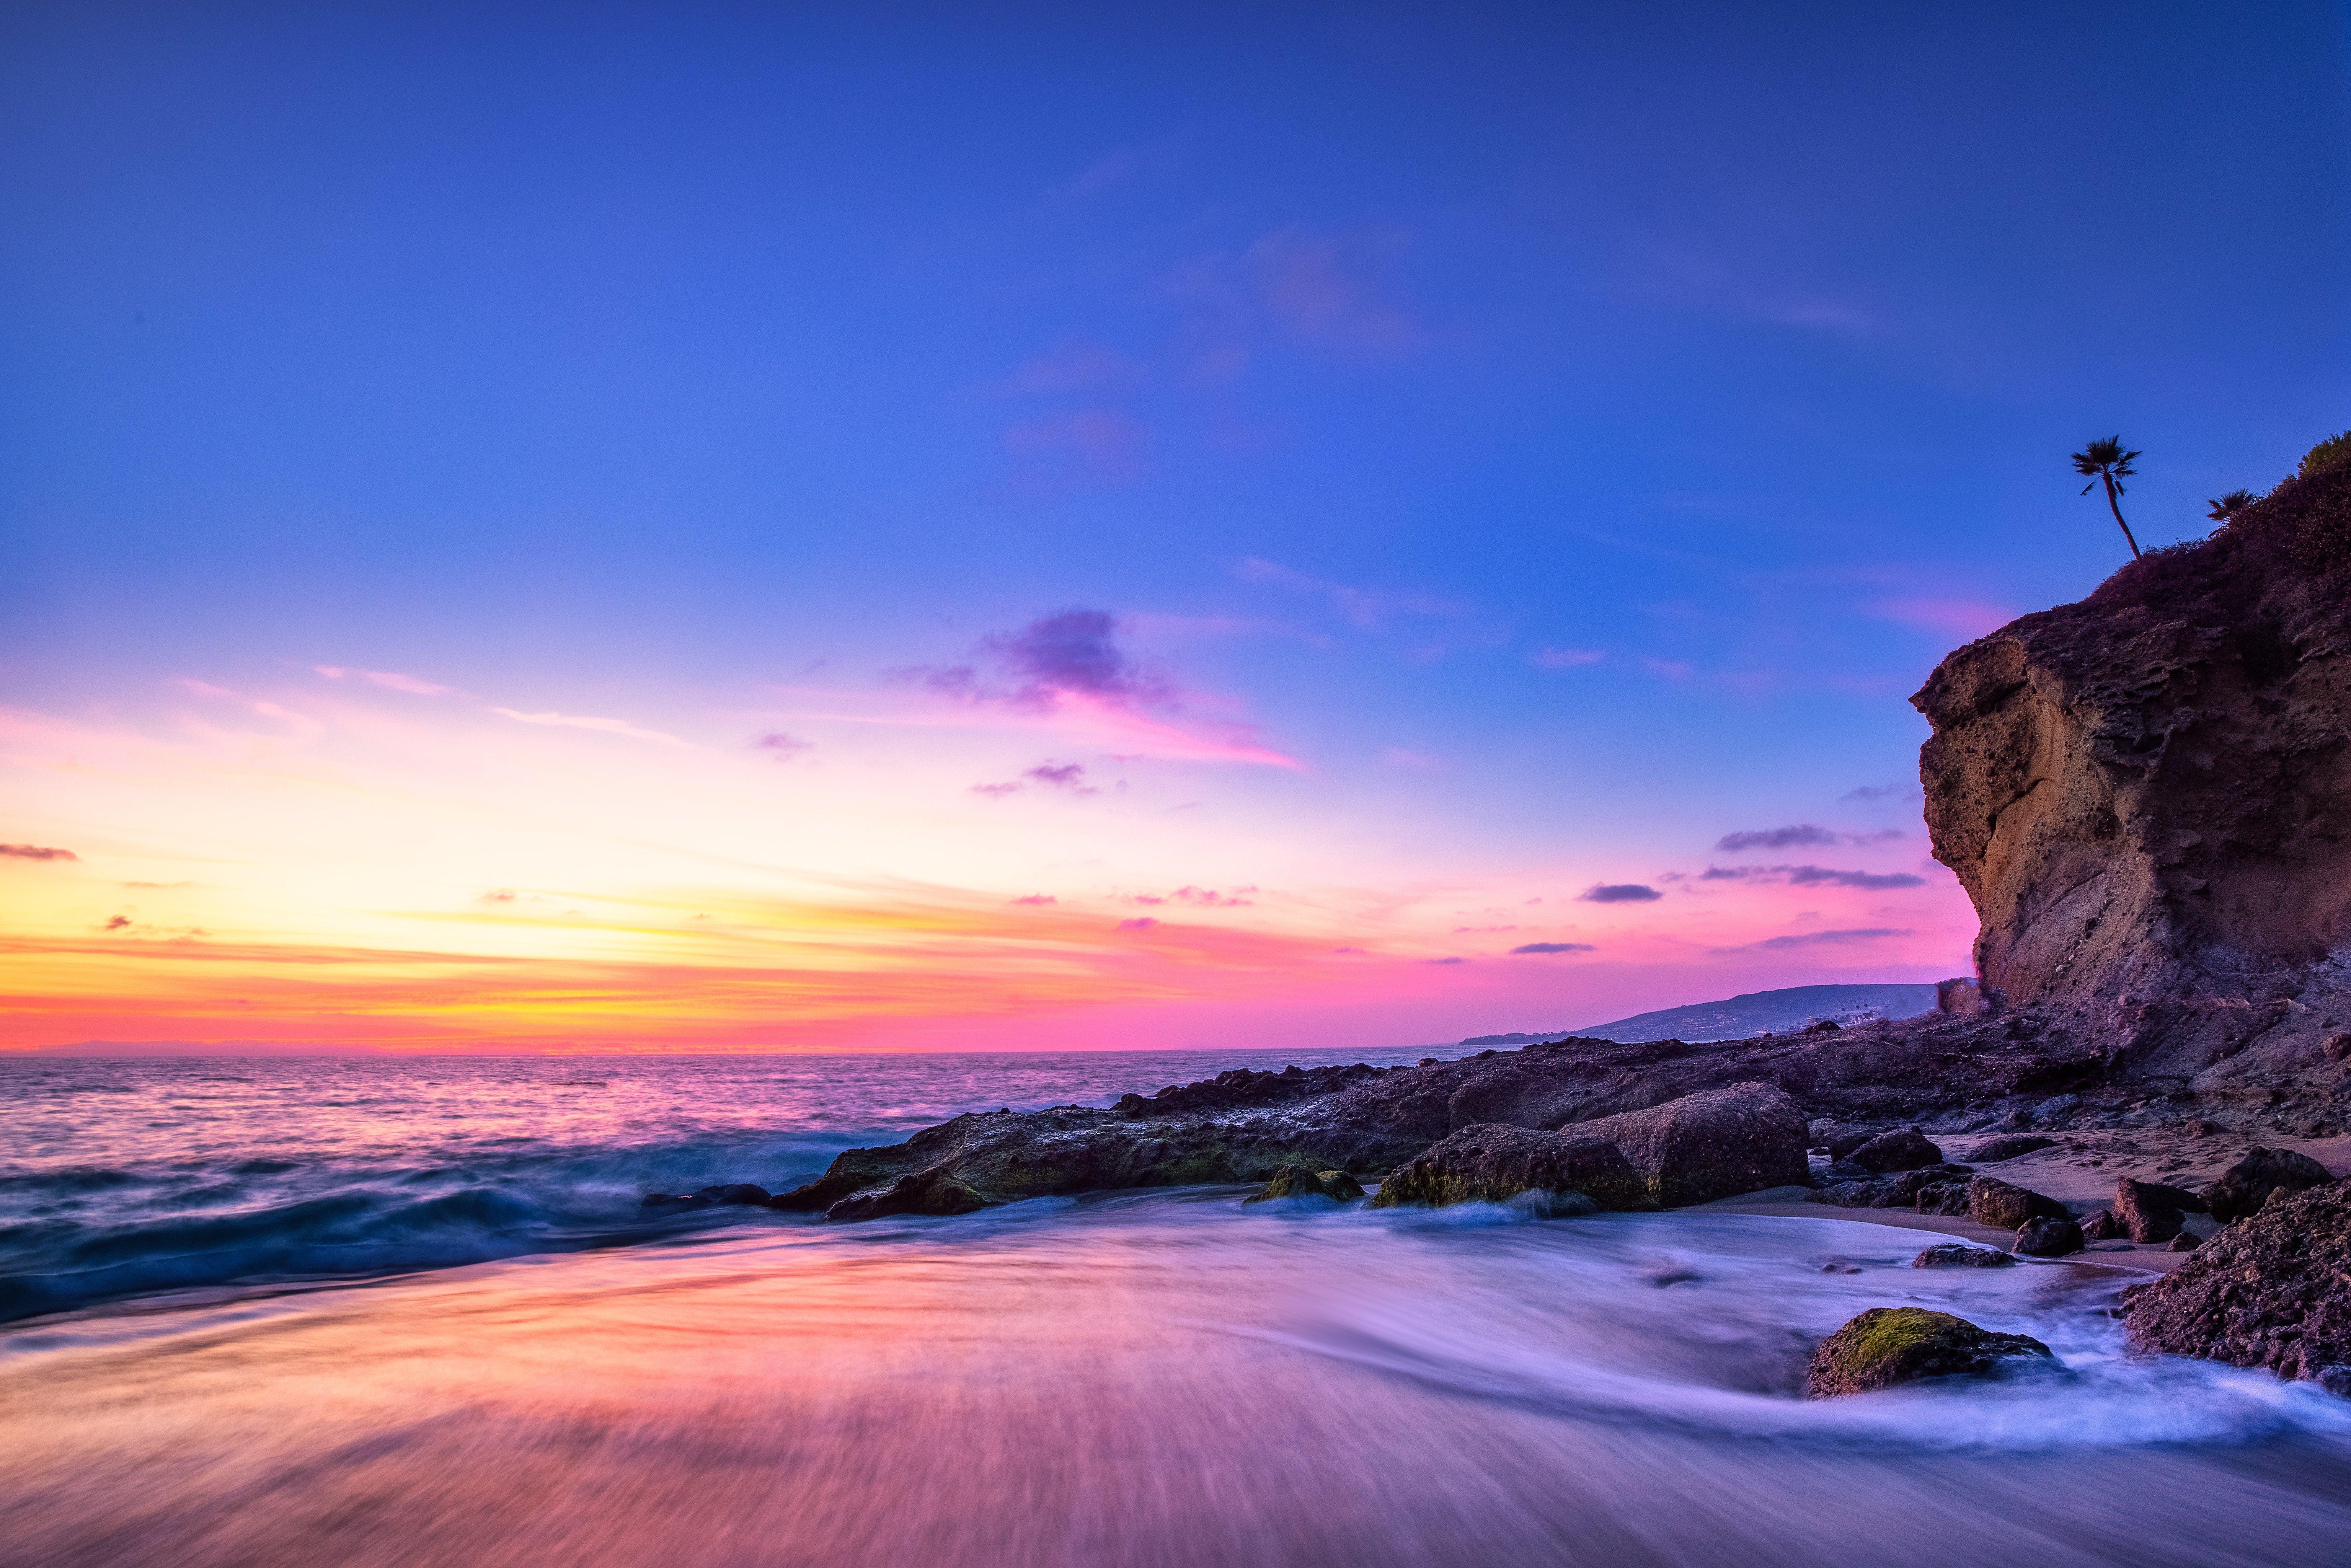 Fondos de pantalla Playa Laguna al atardecer